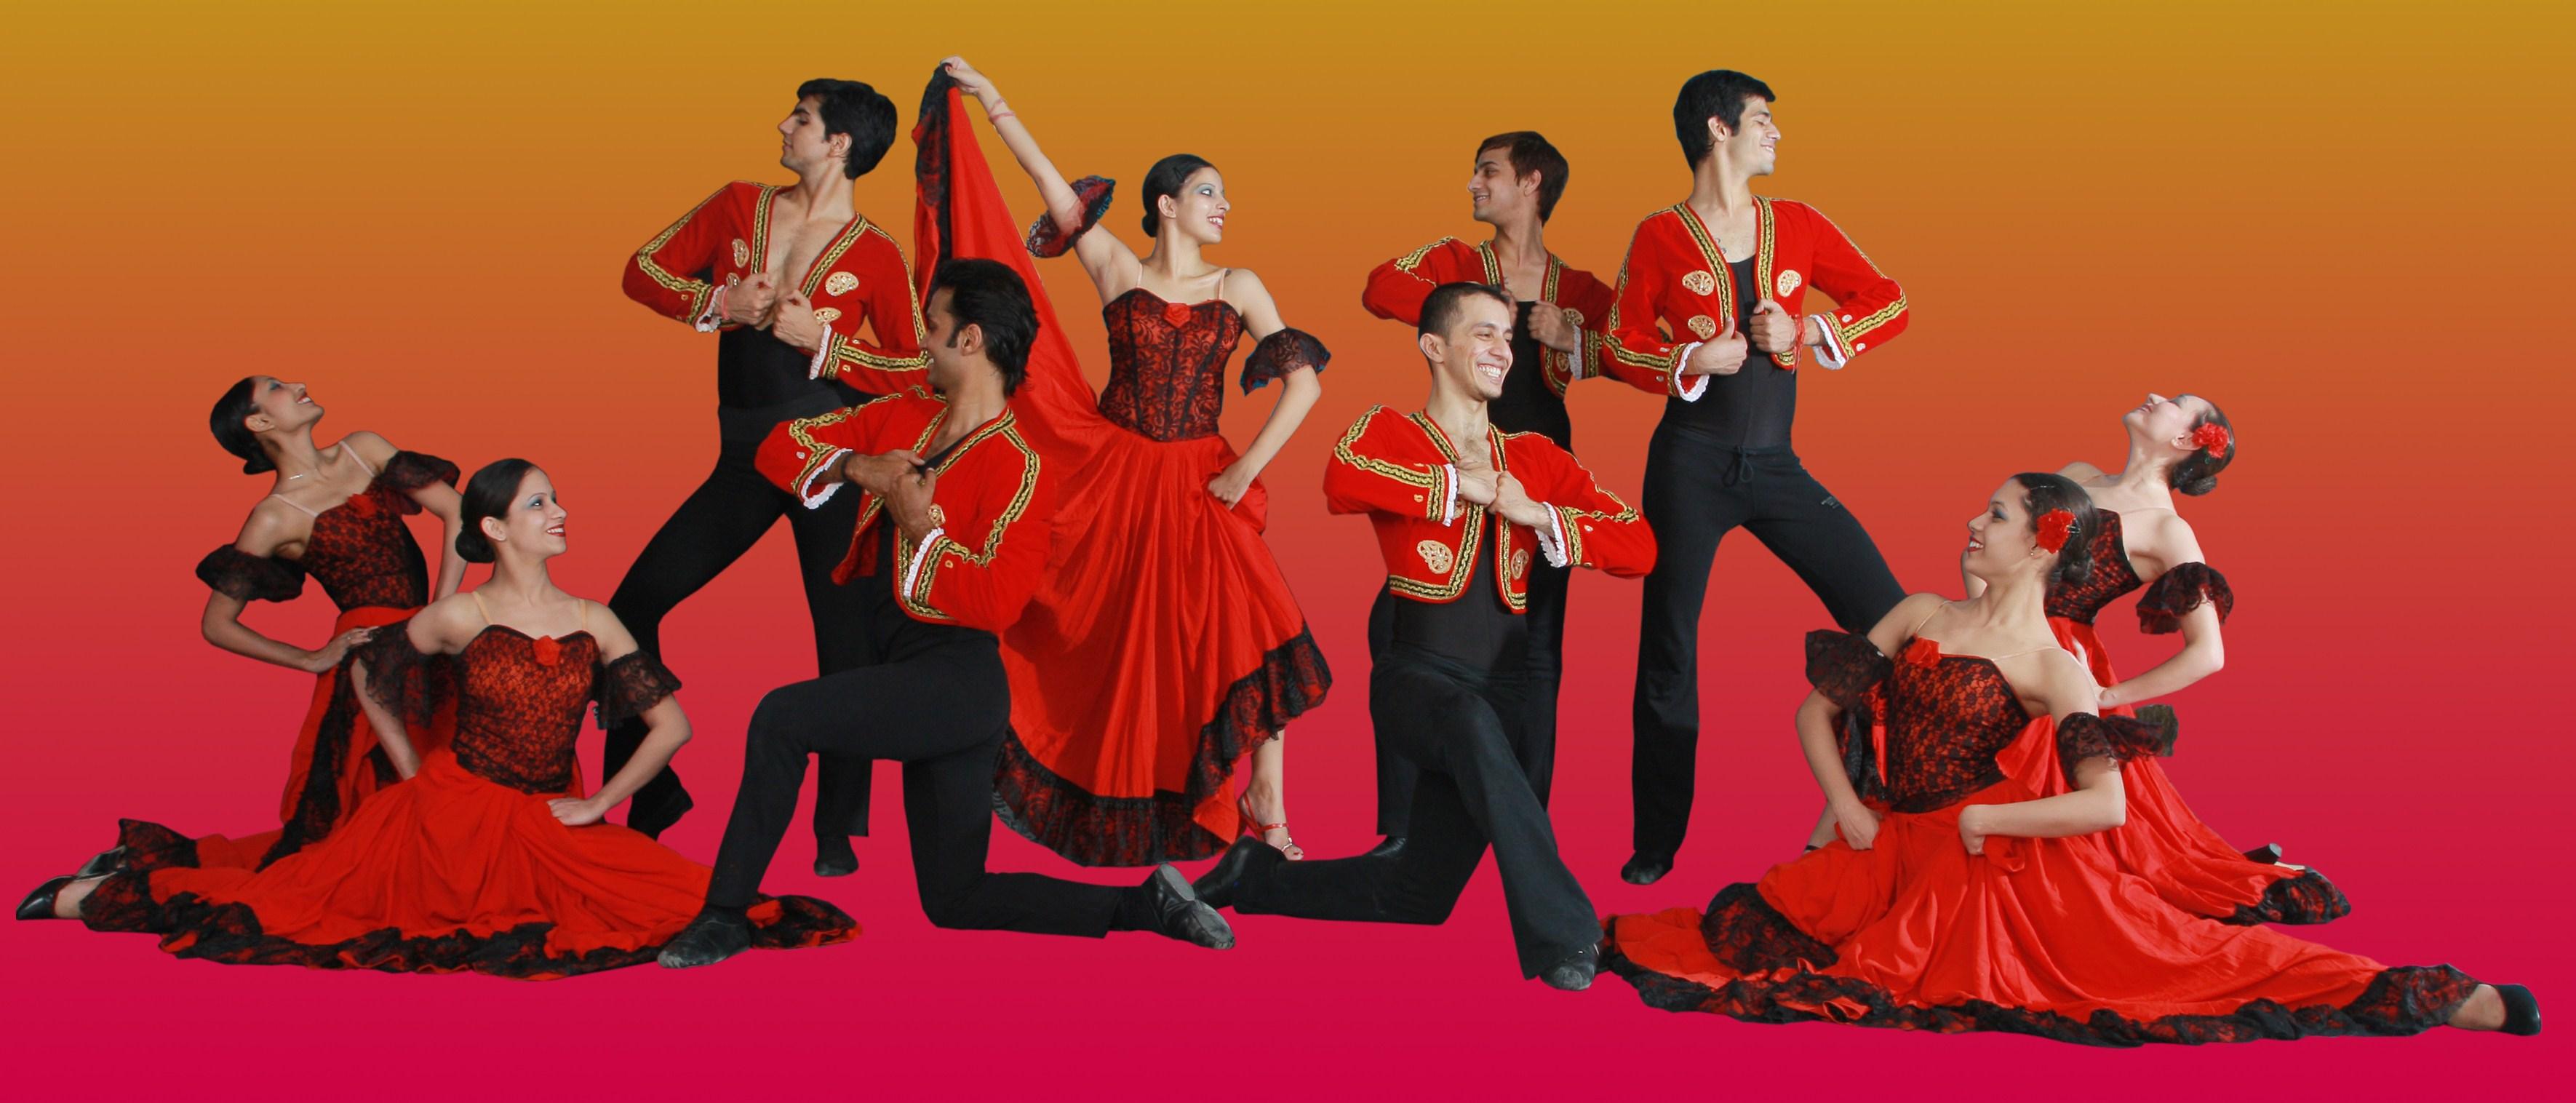 flamenco wallpaper wallpapersafari - photo #16